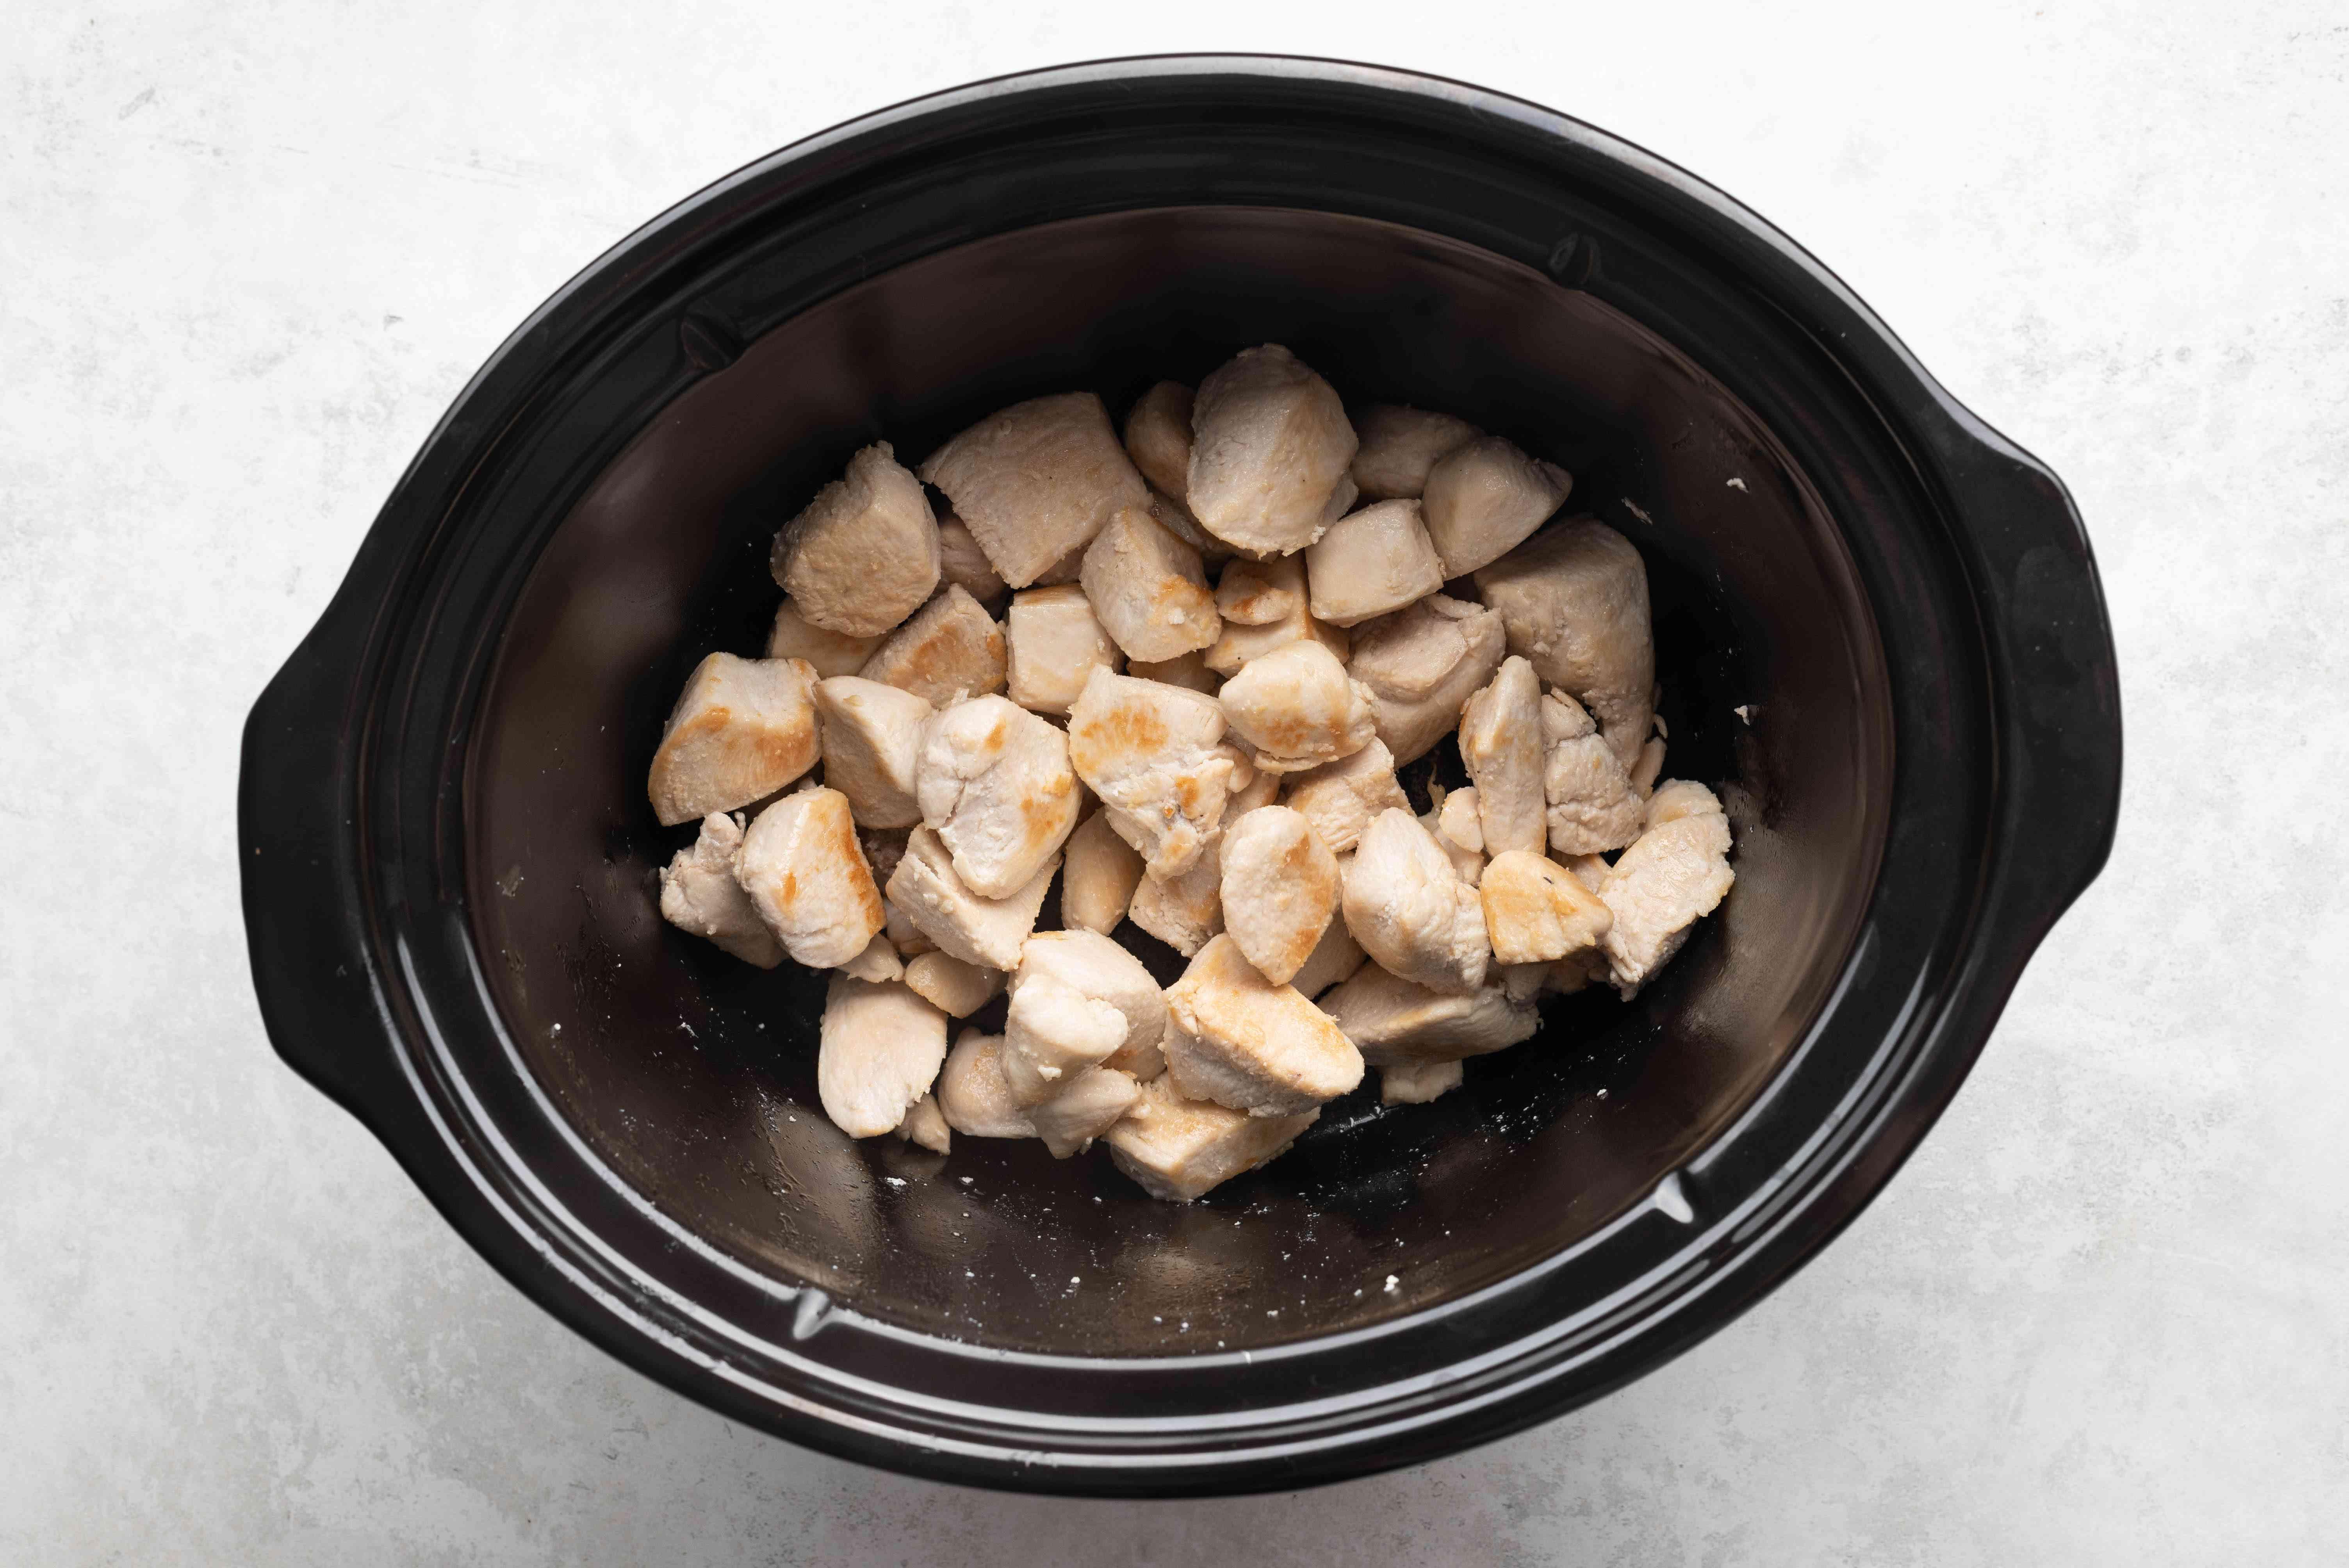 chicken in a crockpot